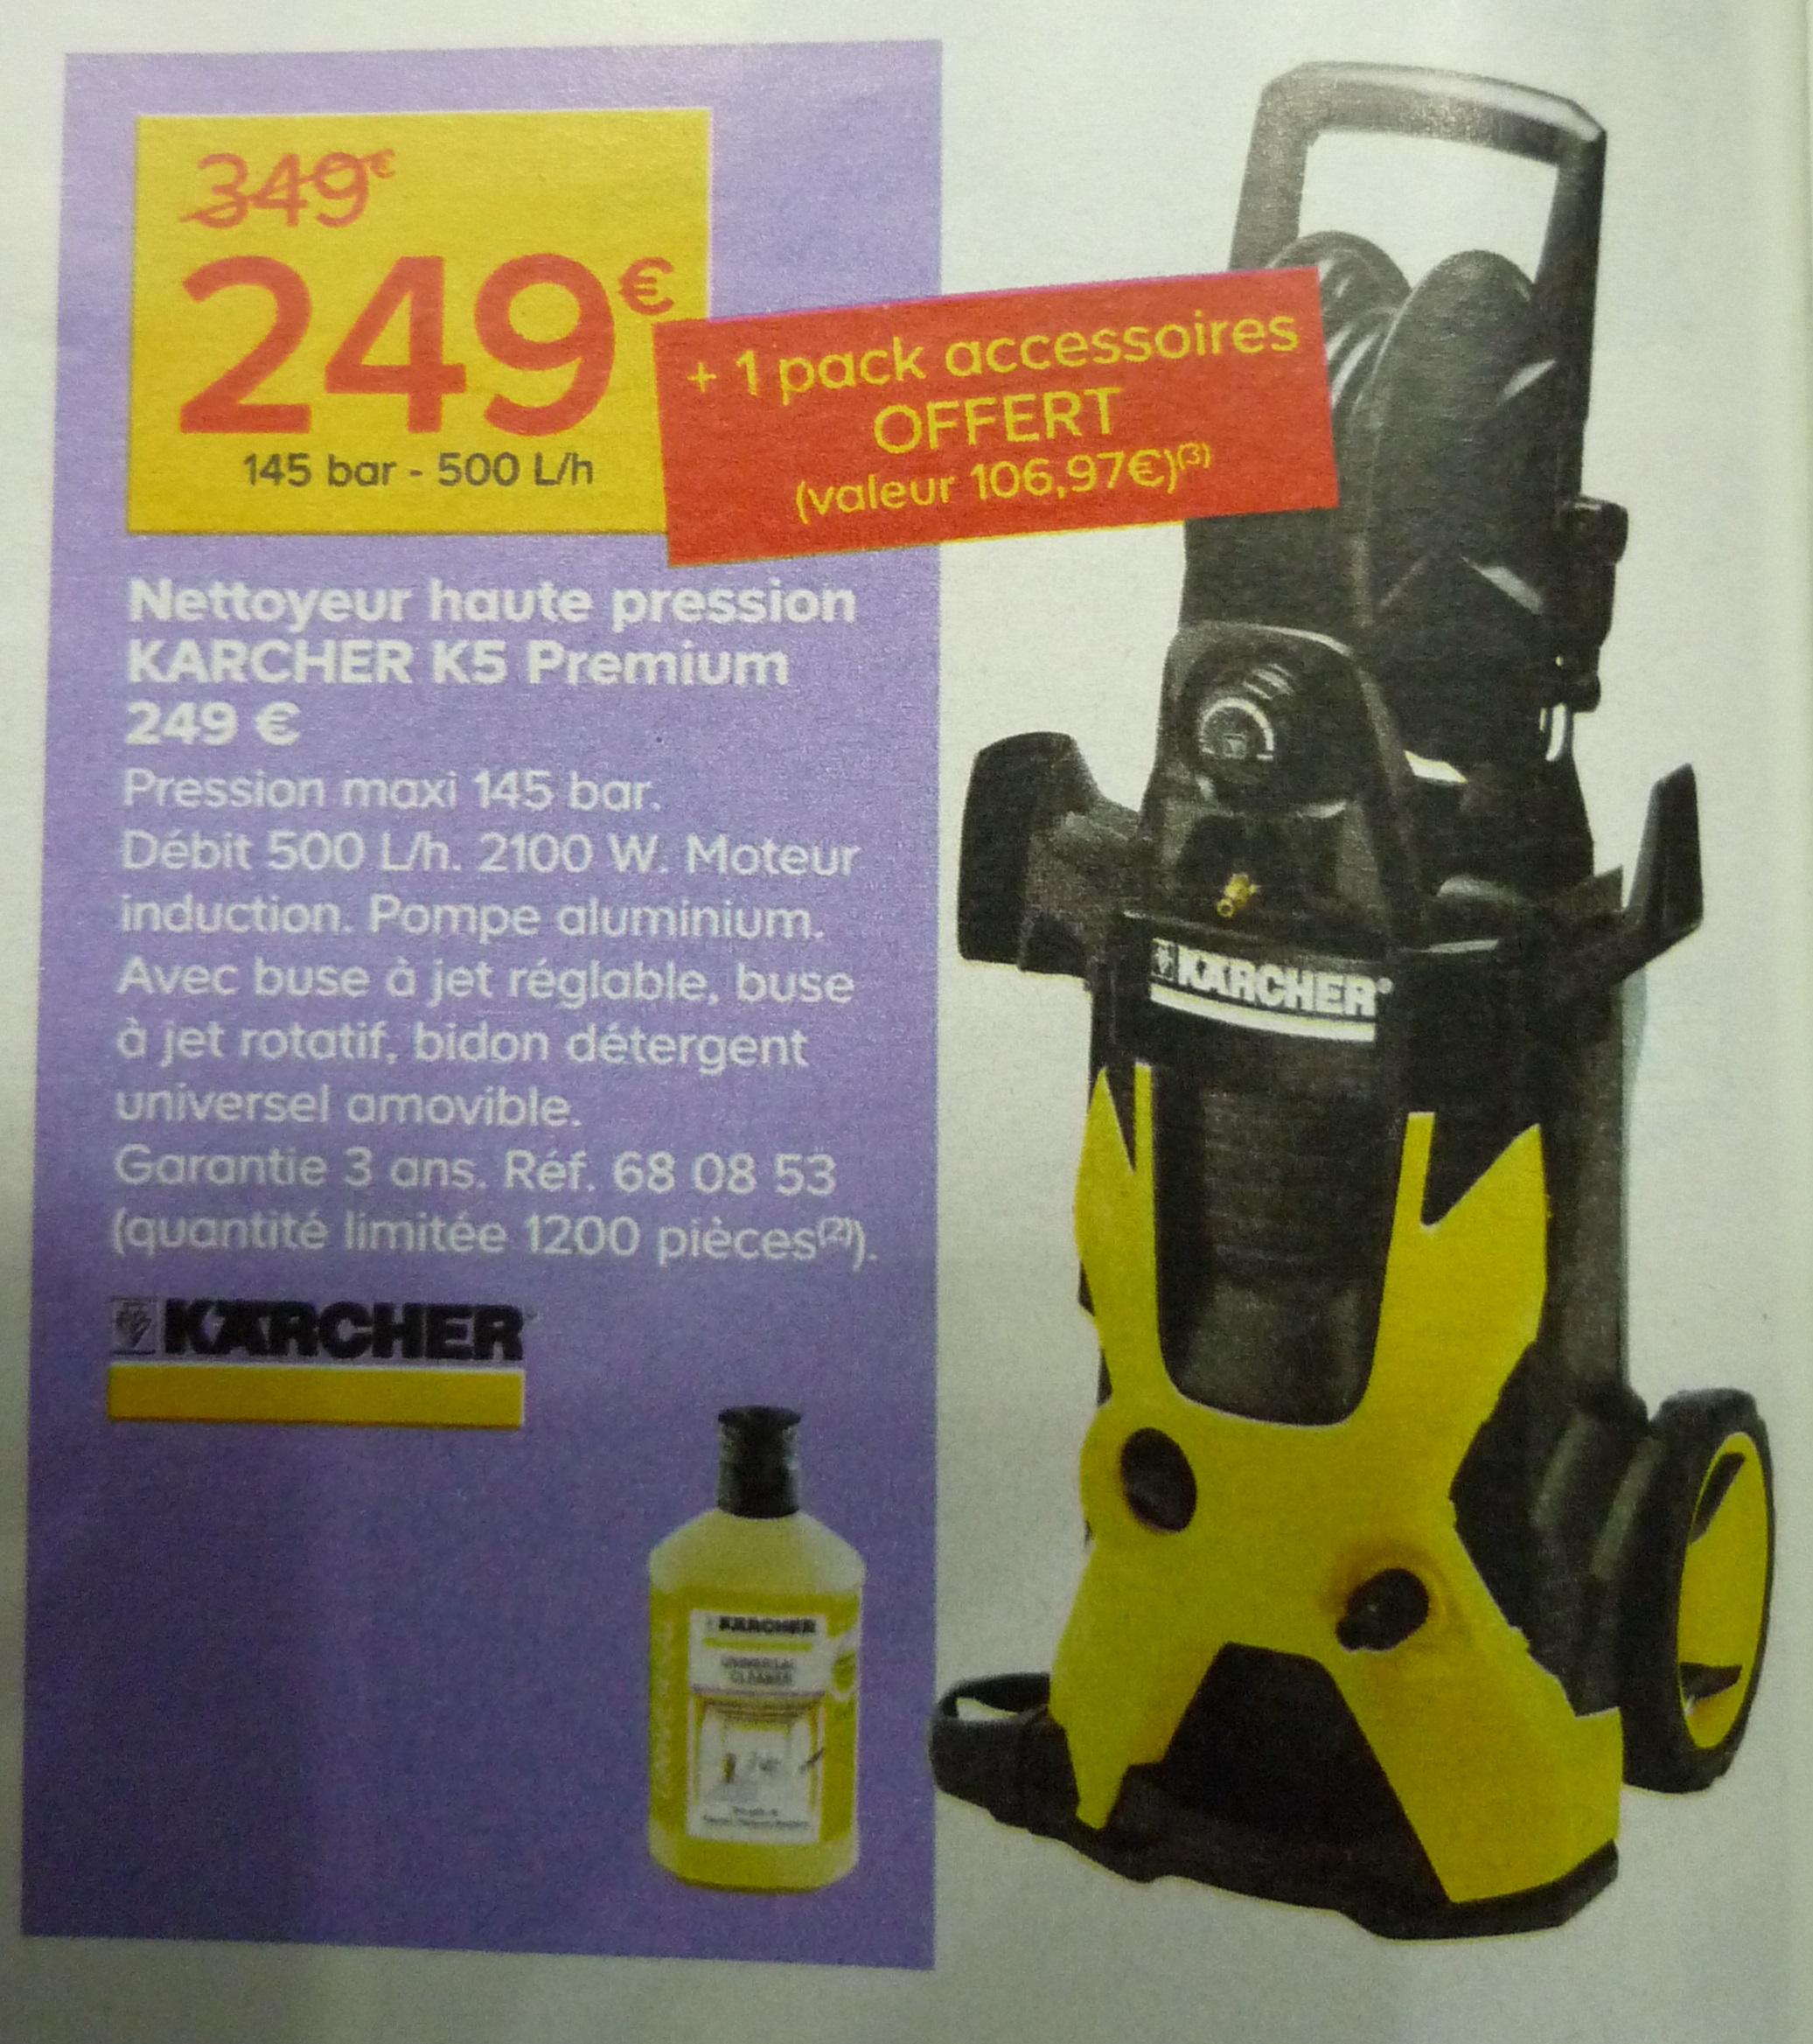 Nettoyeur haute pression Karcher K5 Premium + 1 pack accessoires offert